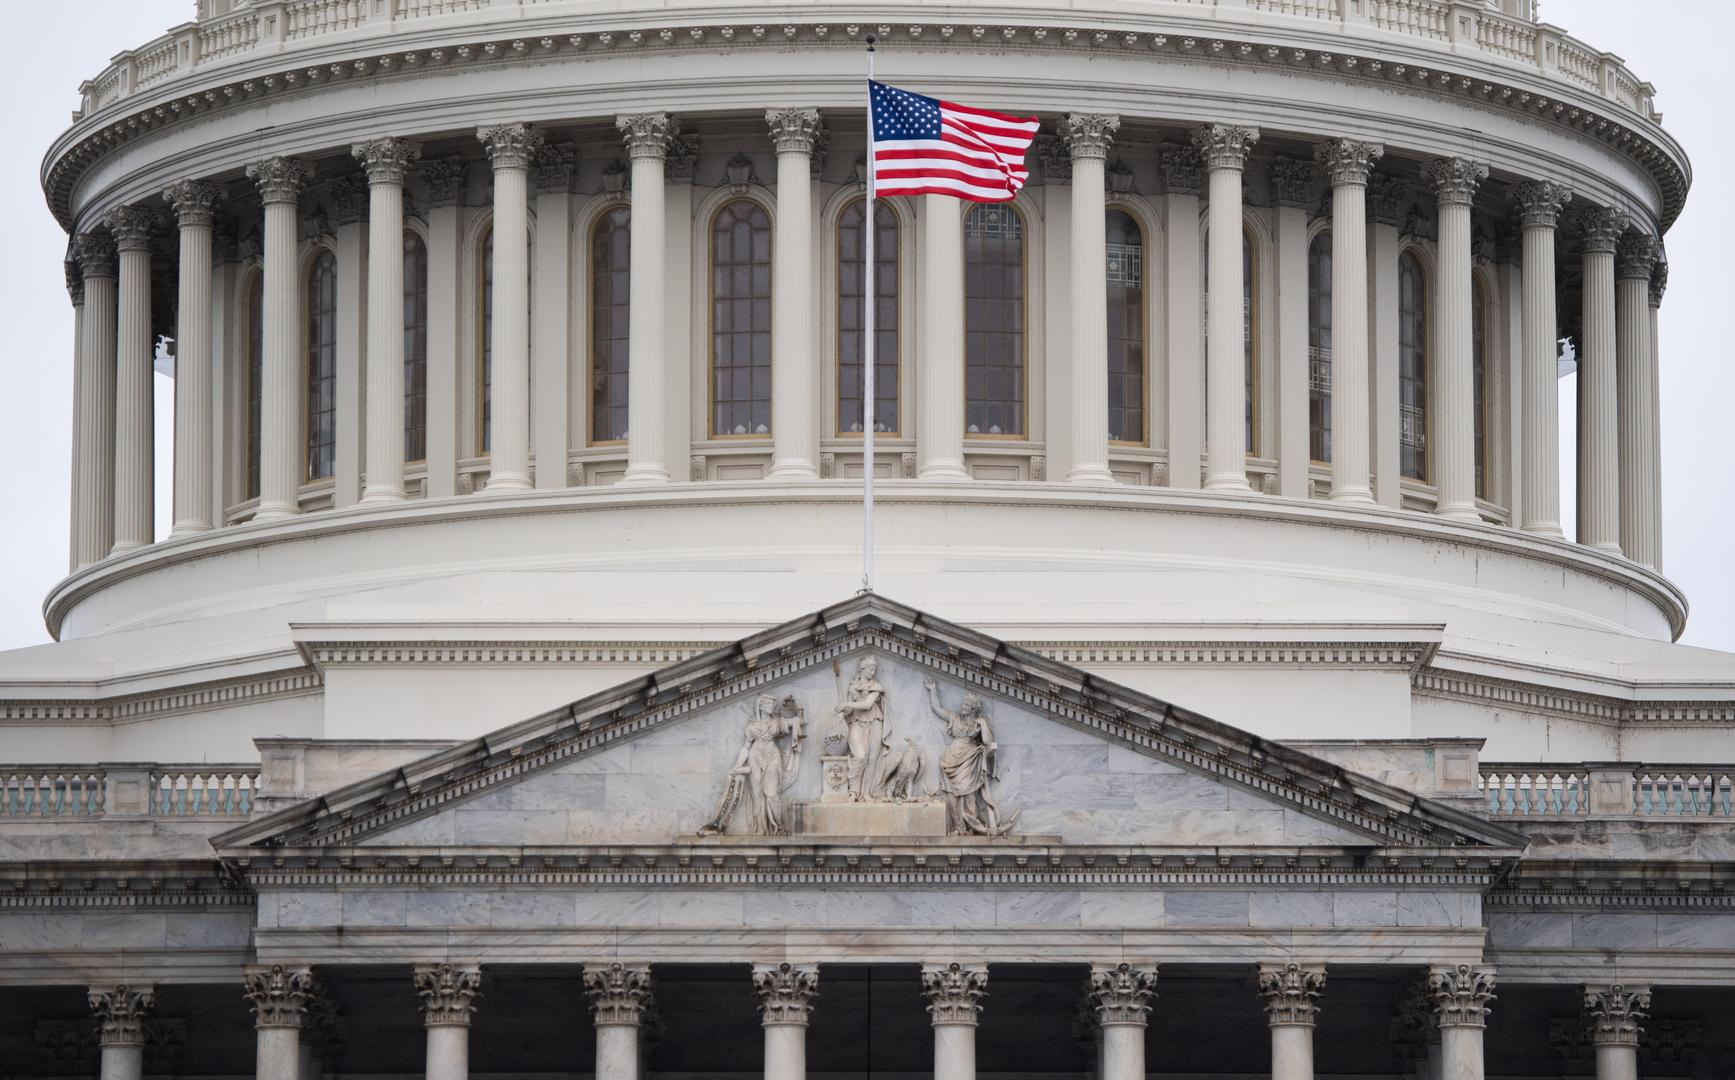 الكونغرس الأمريكي يطالب روسيا بالإفراج عن مواطنين أمريكيين